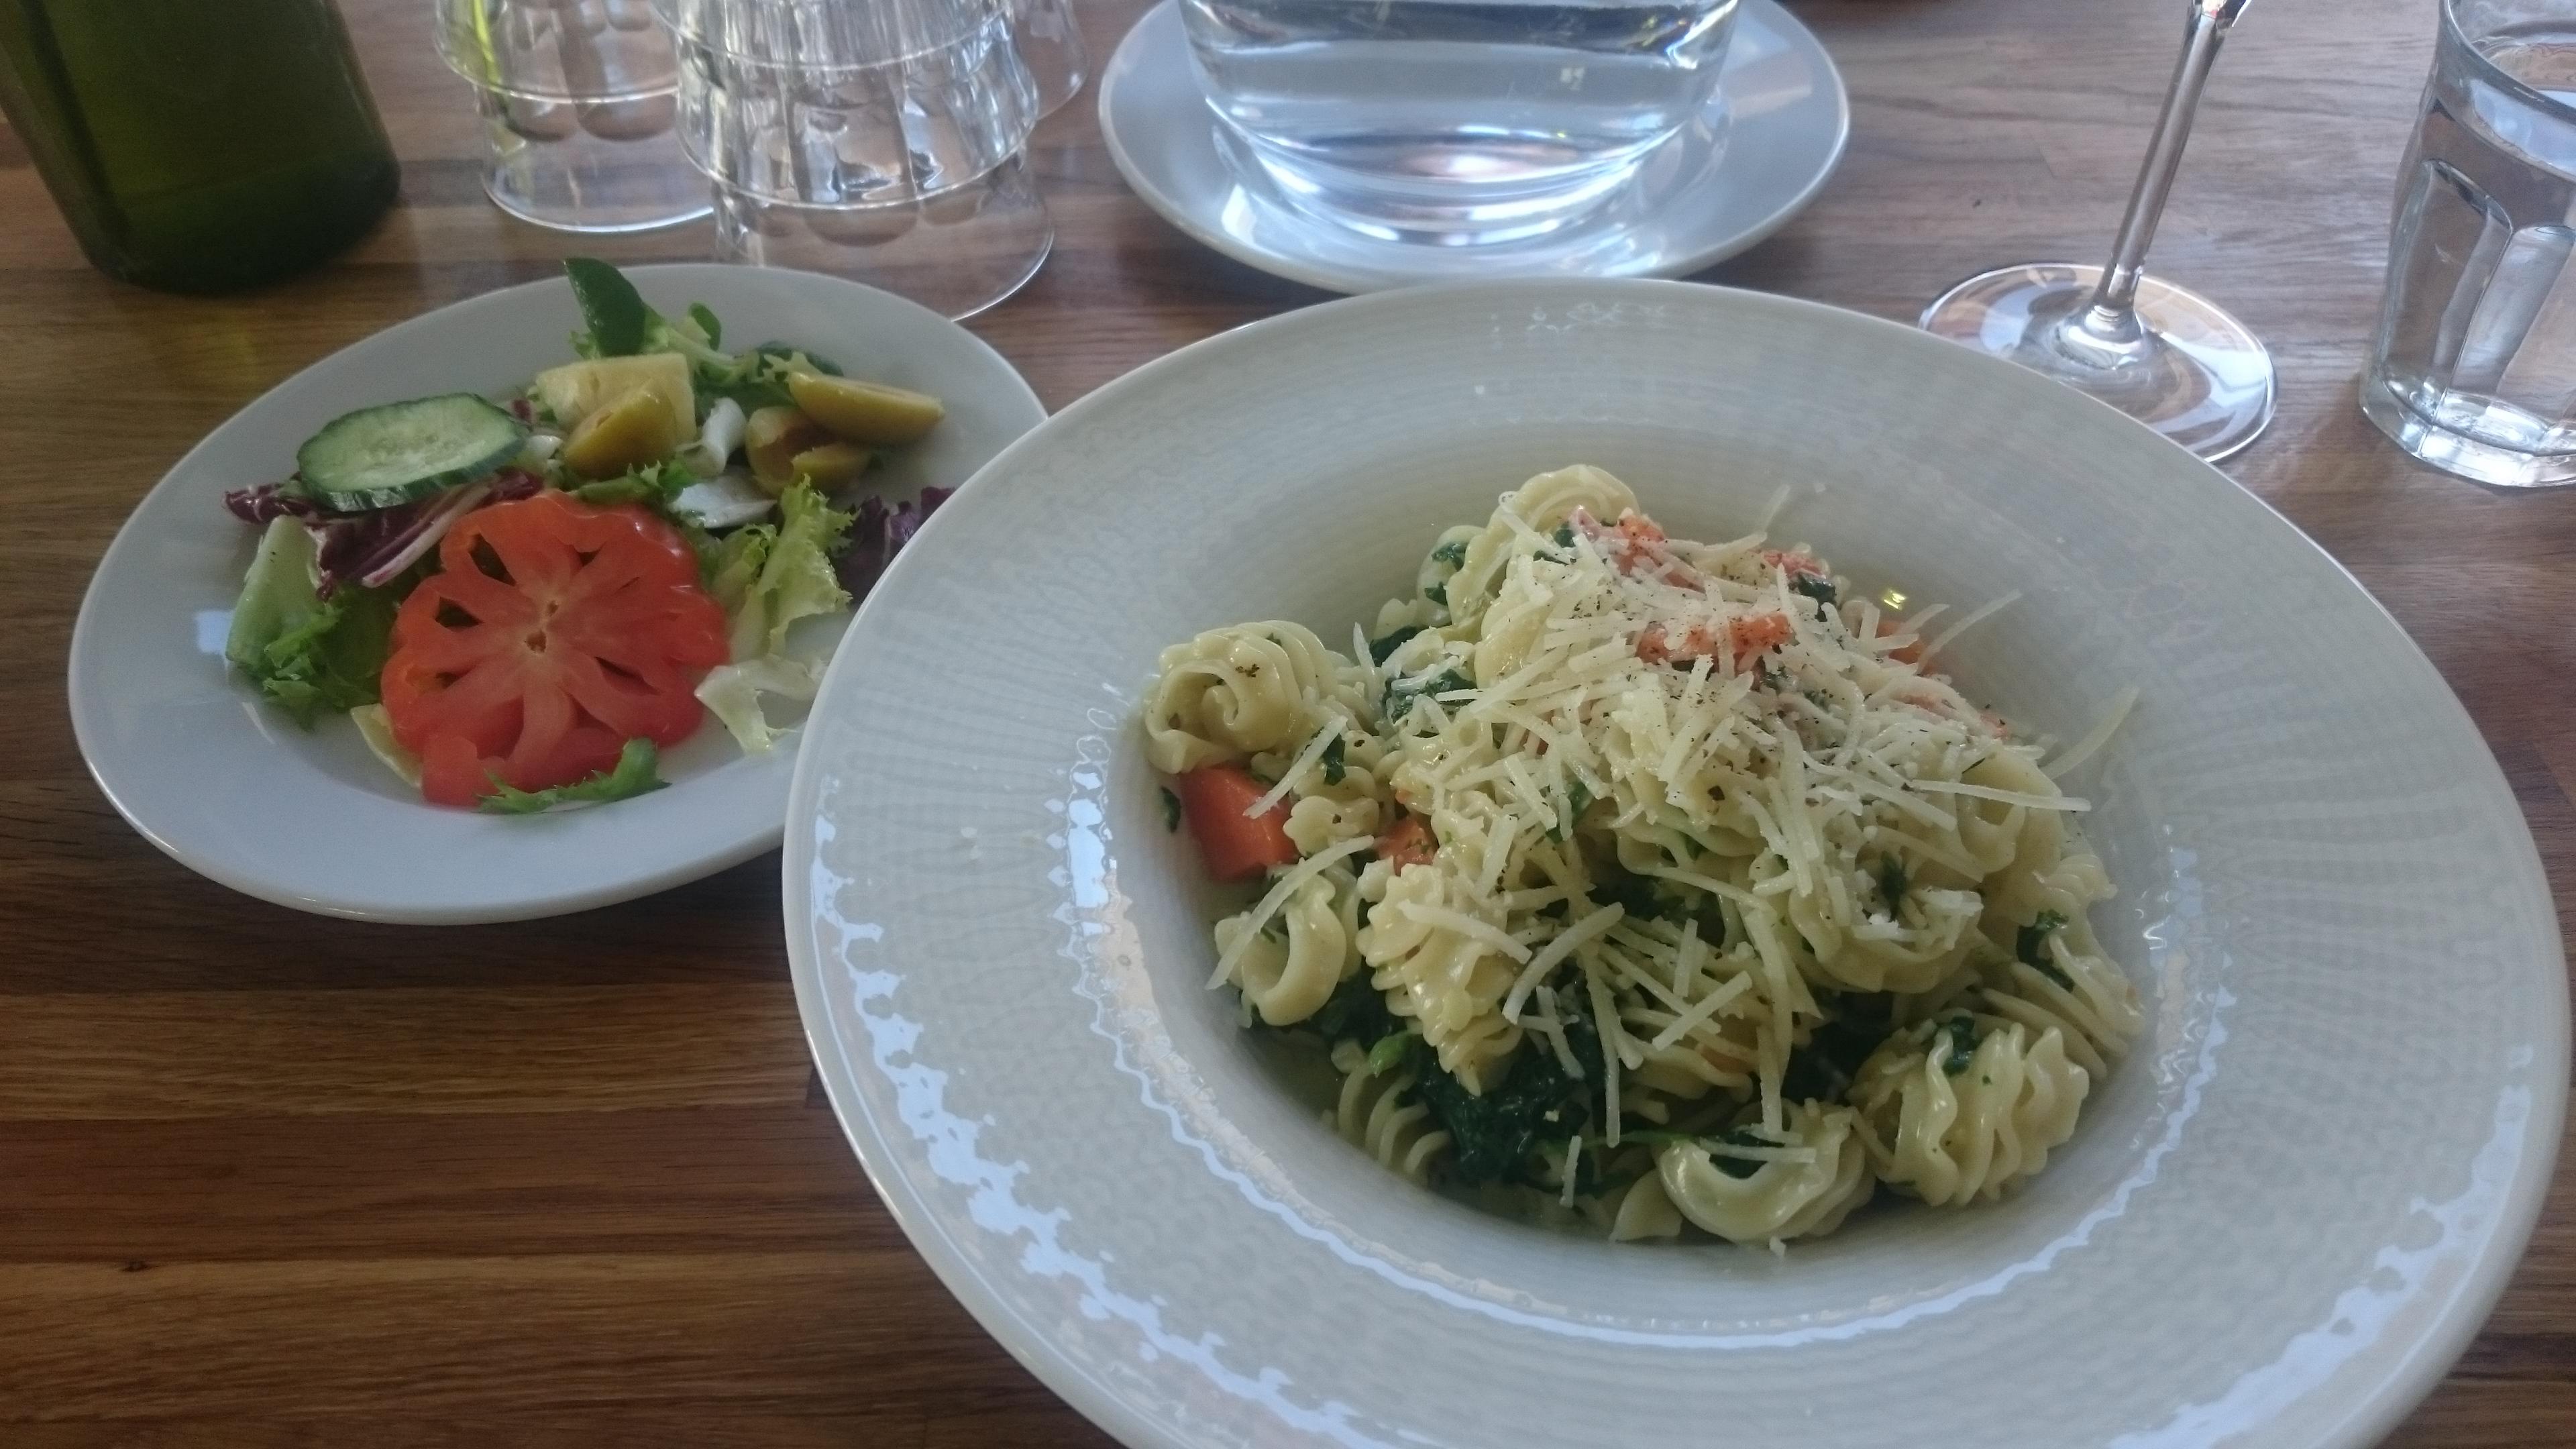 Zum Beispiel, Porvoo: Zum Beispiel -pasta, kasvisversio